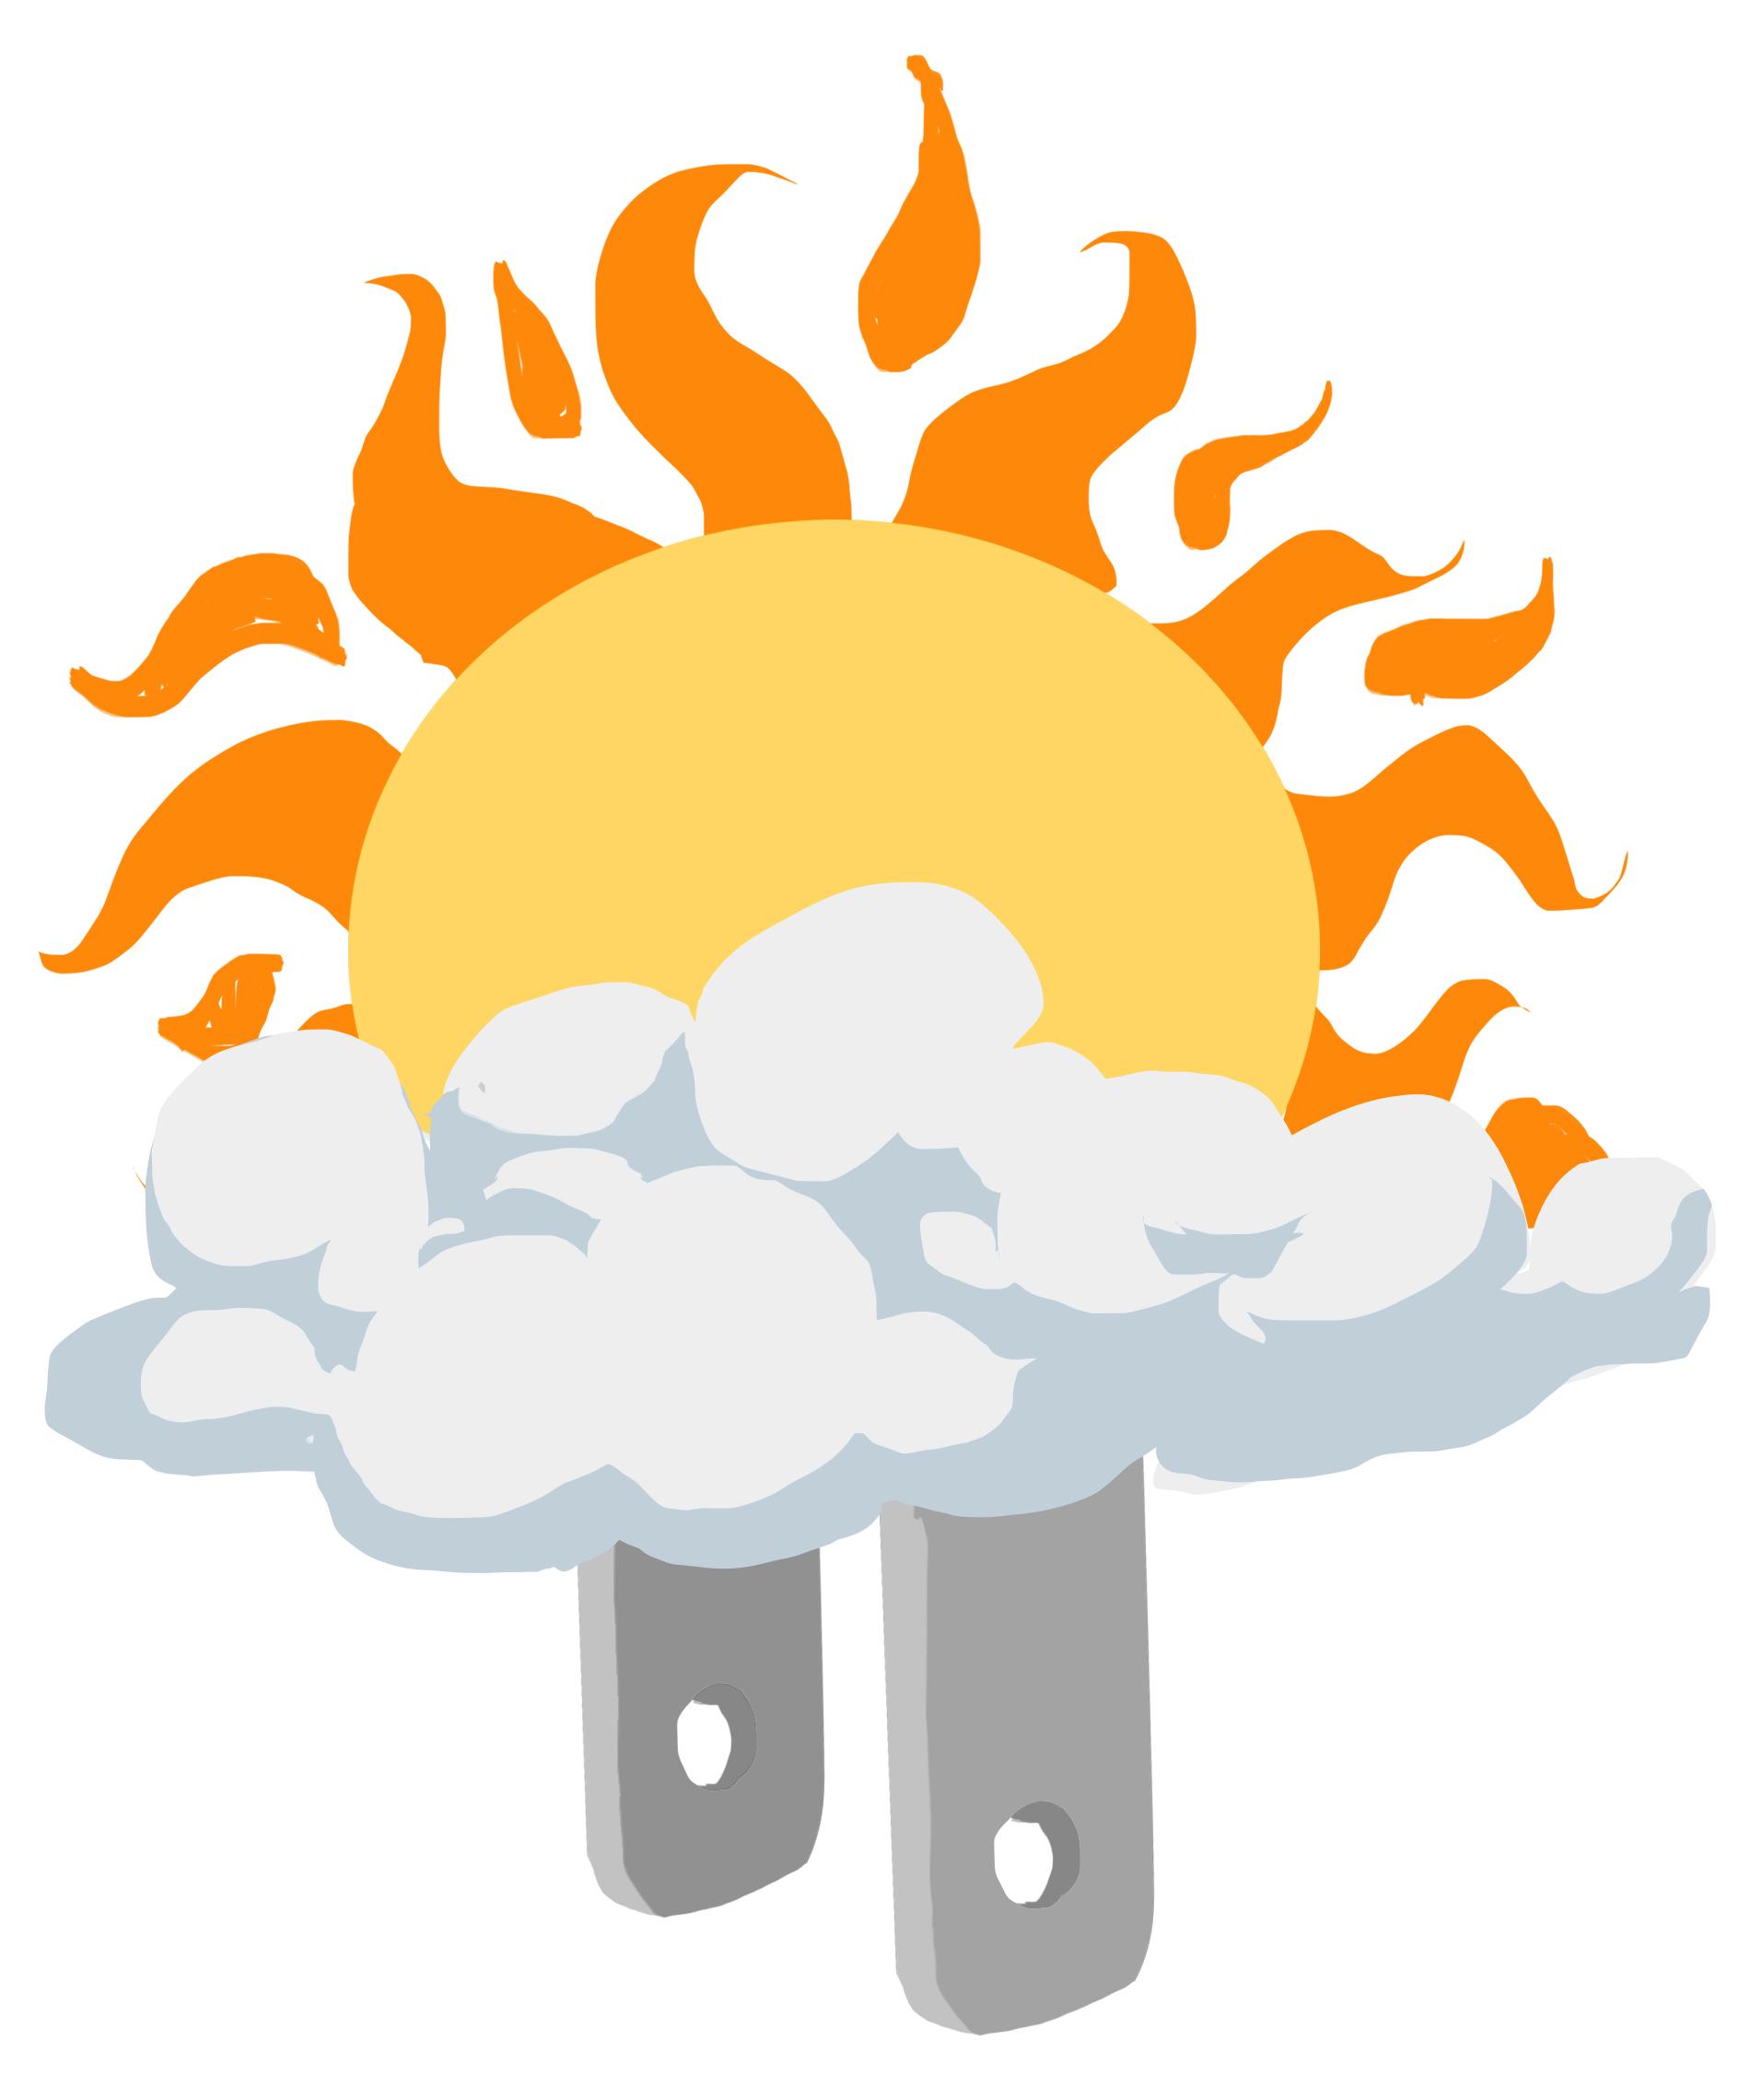 Ilustração de Sol atrás de nuvens com plugue de energia (Depto. de Estado/D. Thompson)